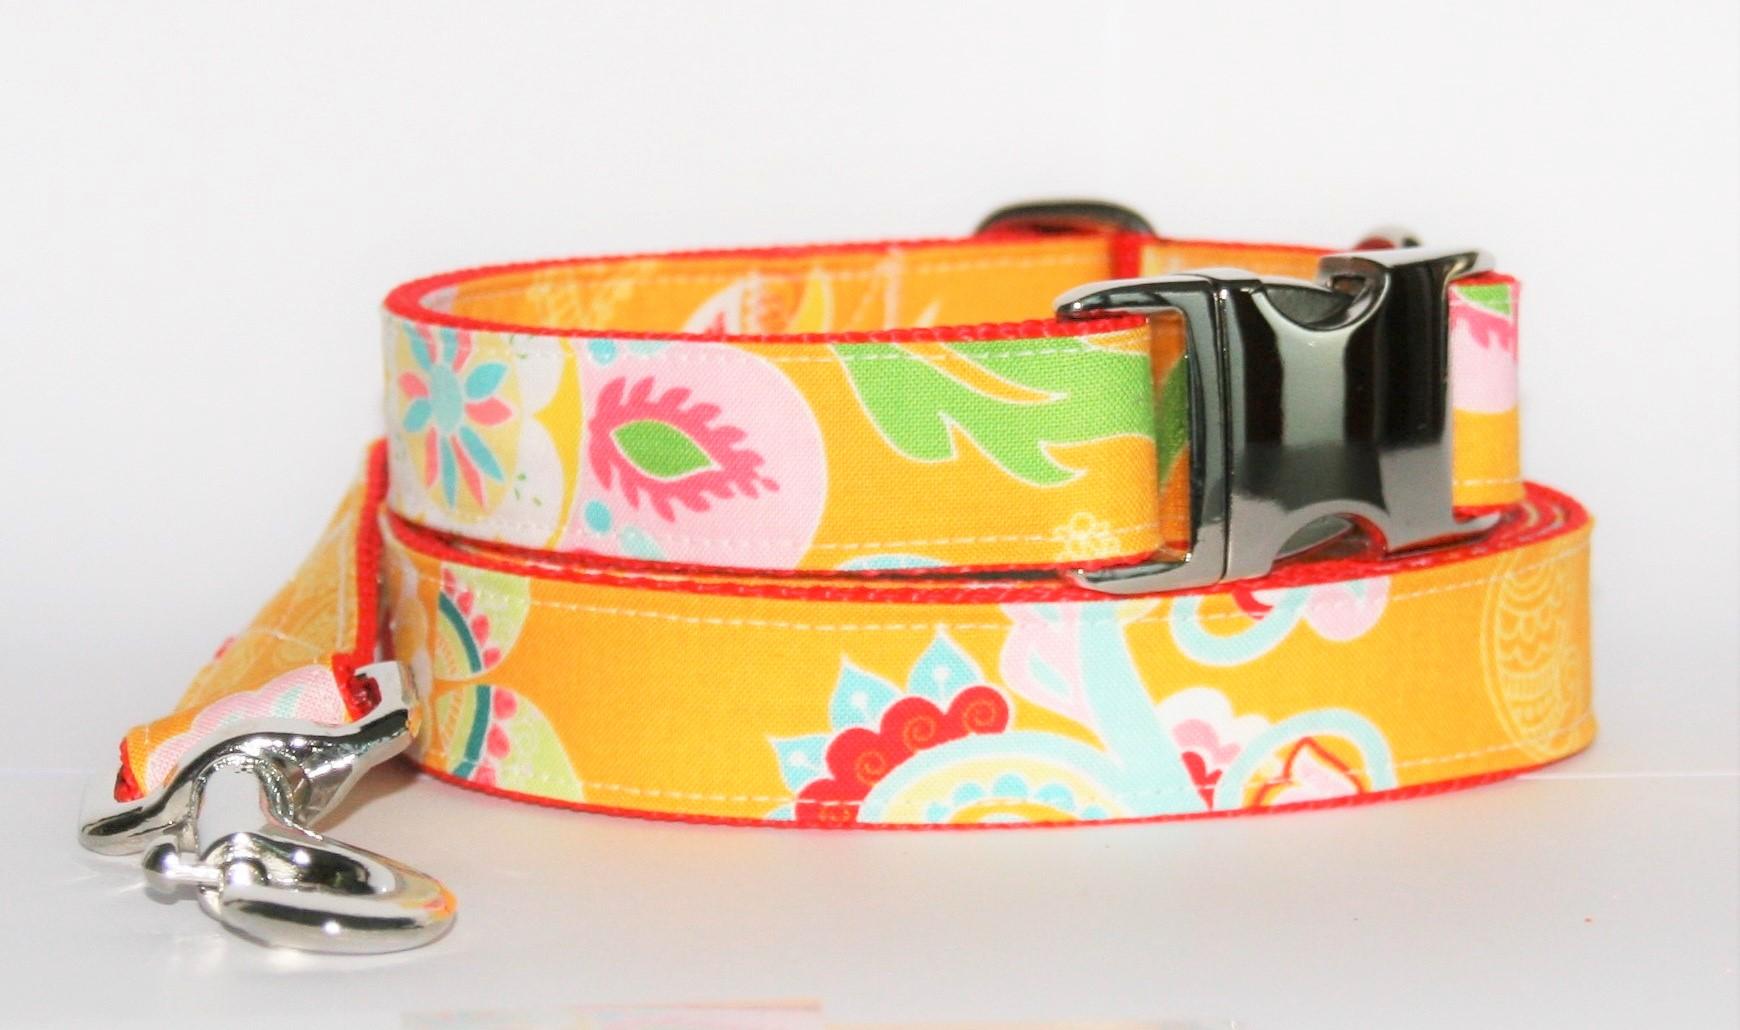 Hundehalsband und Hundeleine orange-grün-rot Dschungel als Set in unterschiedlichen Ausführungen erhältlich